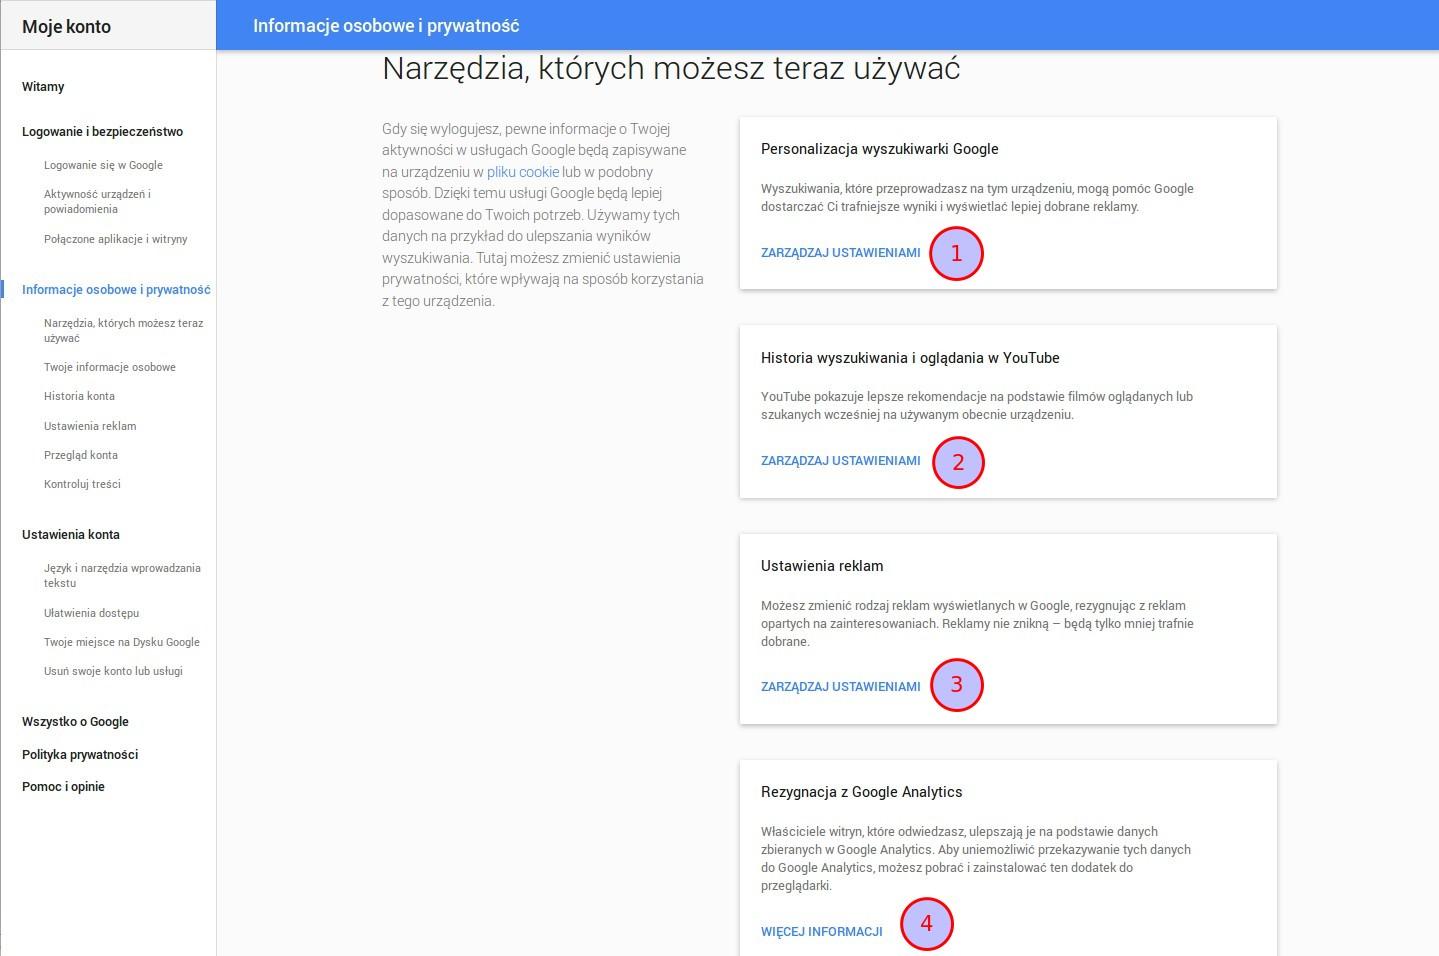 Ilustracja 2. Panel ustawień prywatności konta Google dla osoby niezalogowanej